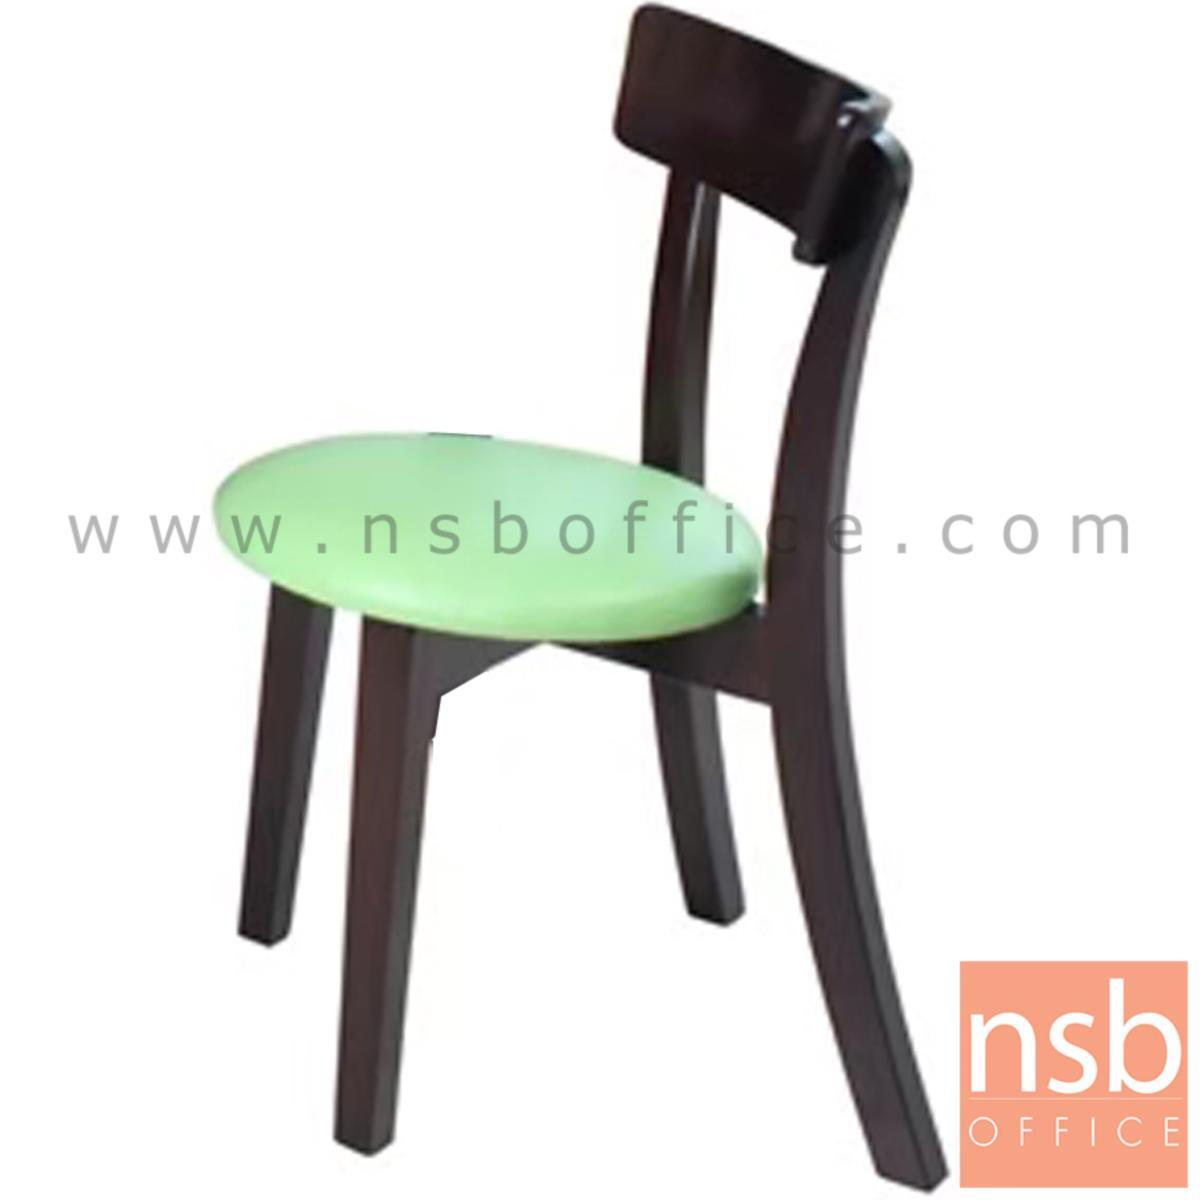 เก้าอี้ไม้ที่นั่งหนังเทียม รุ่น Frollo   ขาไม้